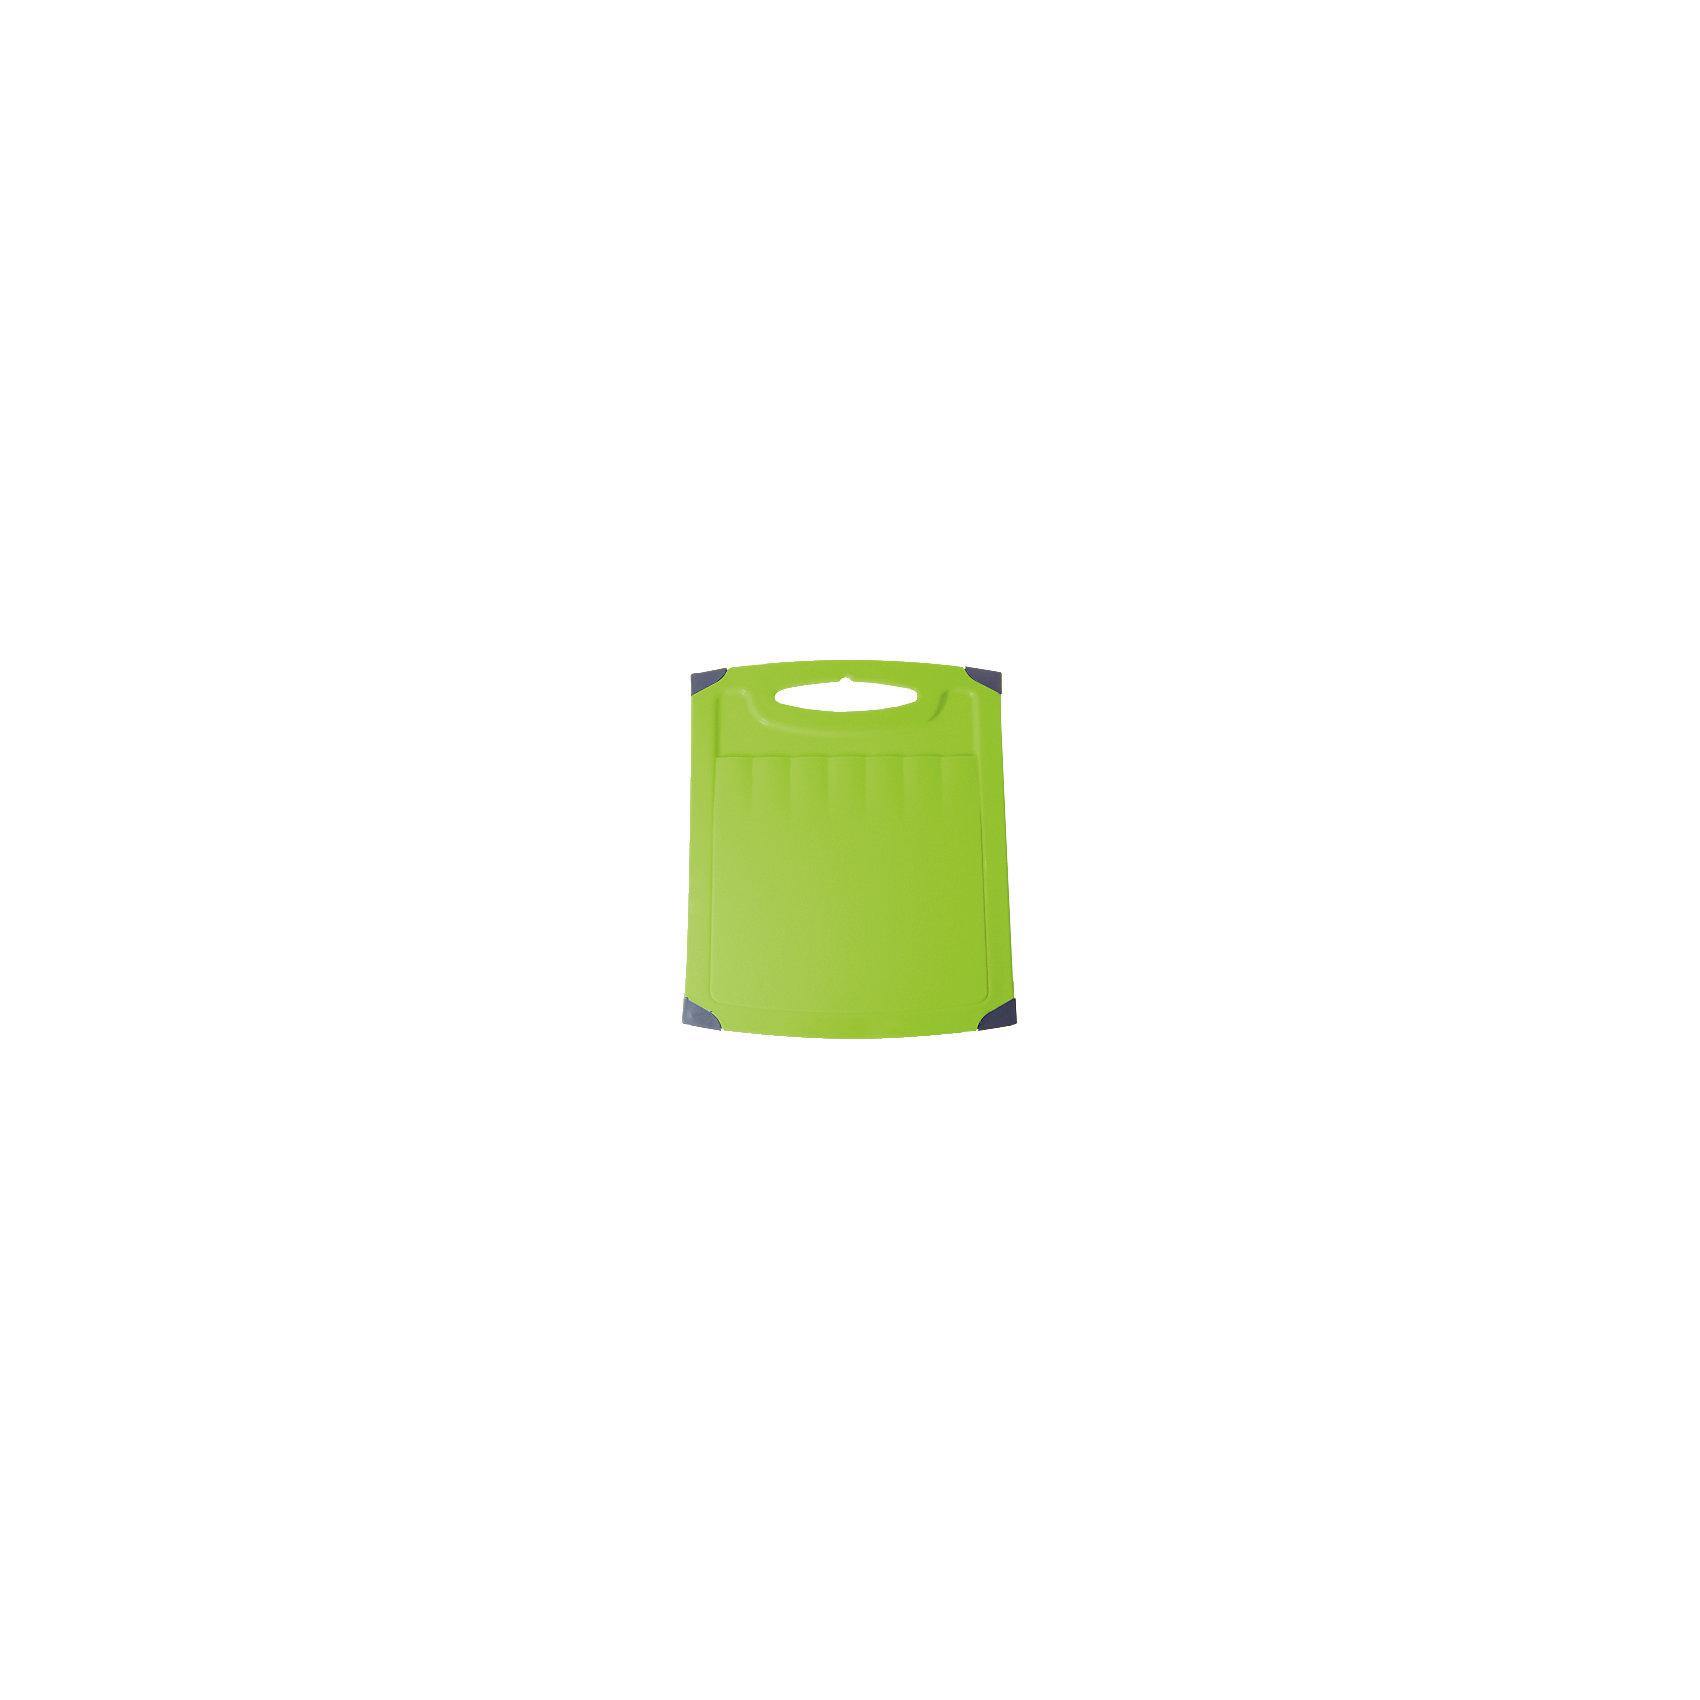 Доска разделочная Люкс №1, Plastic CentreПосуда<br>Доска разделочная Люкс №1, Plastic Centre<br><br>Характеристики:<br><br>• Цвет: зеленый<br>• Материал: пластик<br>• В комплекте: 1 штука<br>• Размер: 26х23 см<br><br>Хорошие разделочные доски позволят вам легко навести порядок на вашей кухне и не отвлекаться на мелочи. Эта доска оснащена специальным желобком, который поможет слить стекающую воду, не потревожив продукты. Изготовлены они из высококачественного пищевого пластика, который безопасен  для здоровья. Доска устойчива к запахам и порезам от ножа. Стильный дизайн не оставит равнодушным никого.<br><br>Доска разделочная Люкс №1, Plastic Centre можно купить в нашем интернет-магазине.<br><br>Ширина мм: 260<br>Глубина мм: 230<br>Высота мм: 6<br>Вес г: 260<br>Возраст от месяцев: 216<br>Возраст до месяцев: 1188<br>Пол: Унисекс<br>Возраст: Детский<br>SKU: 5545677